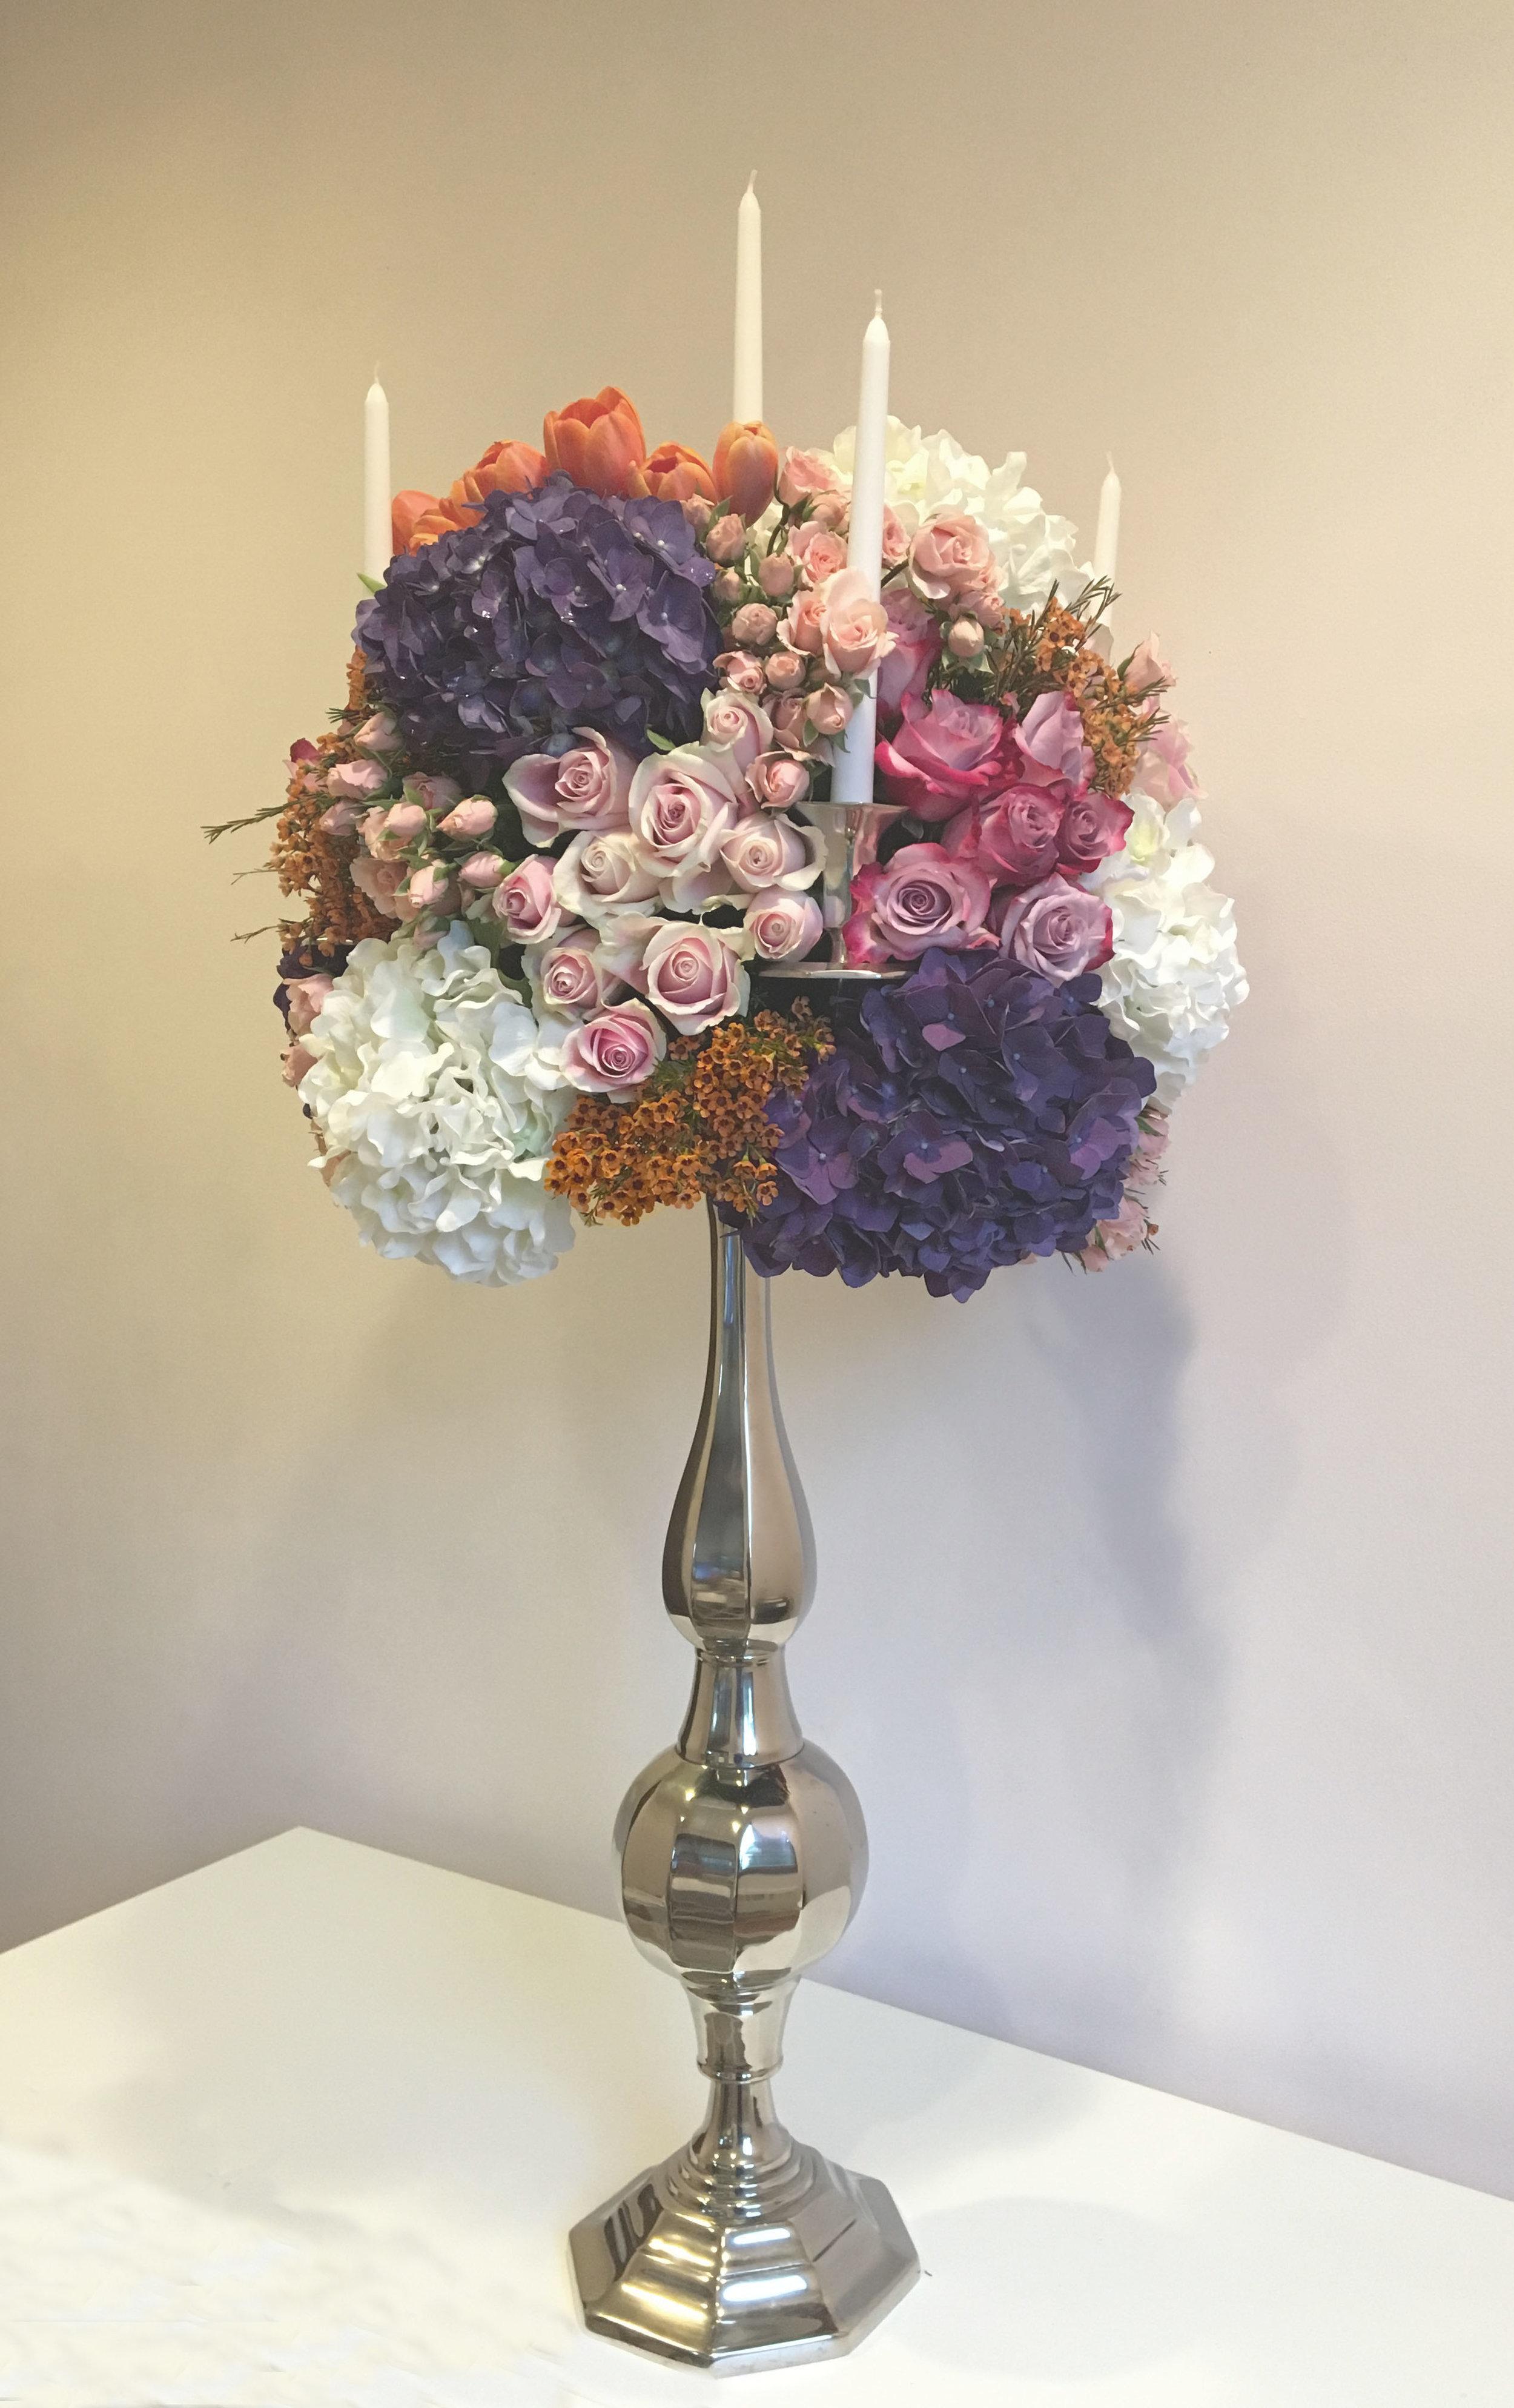 Evelisa Floral & Design: candelabra arrangement